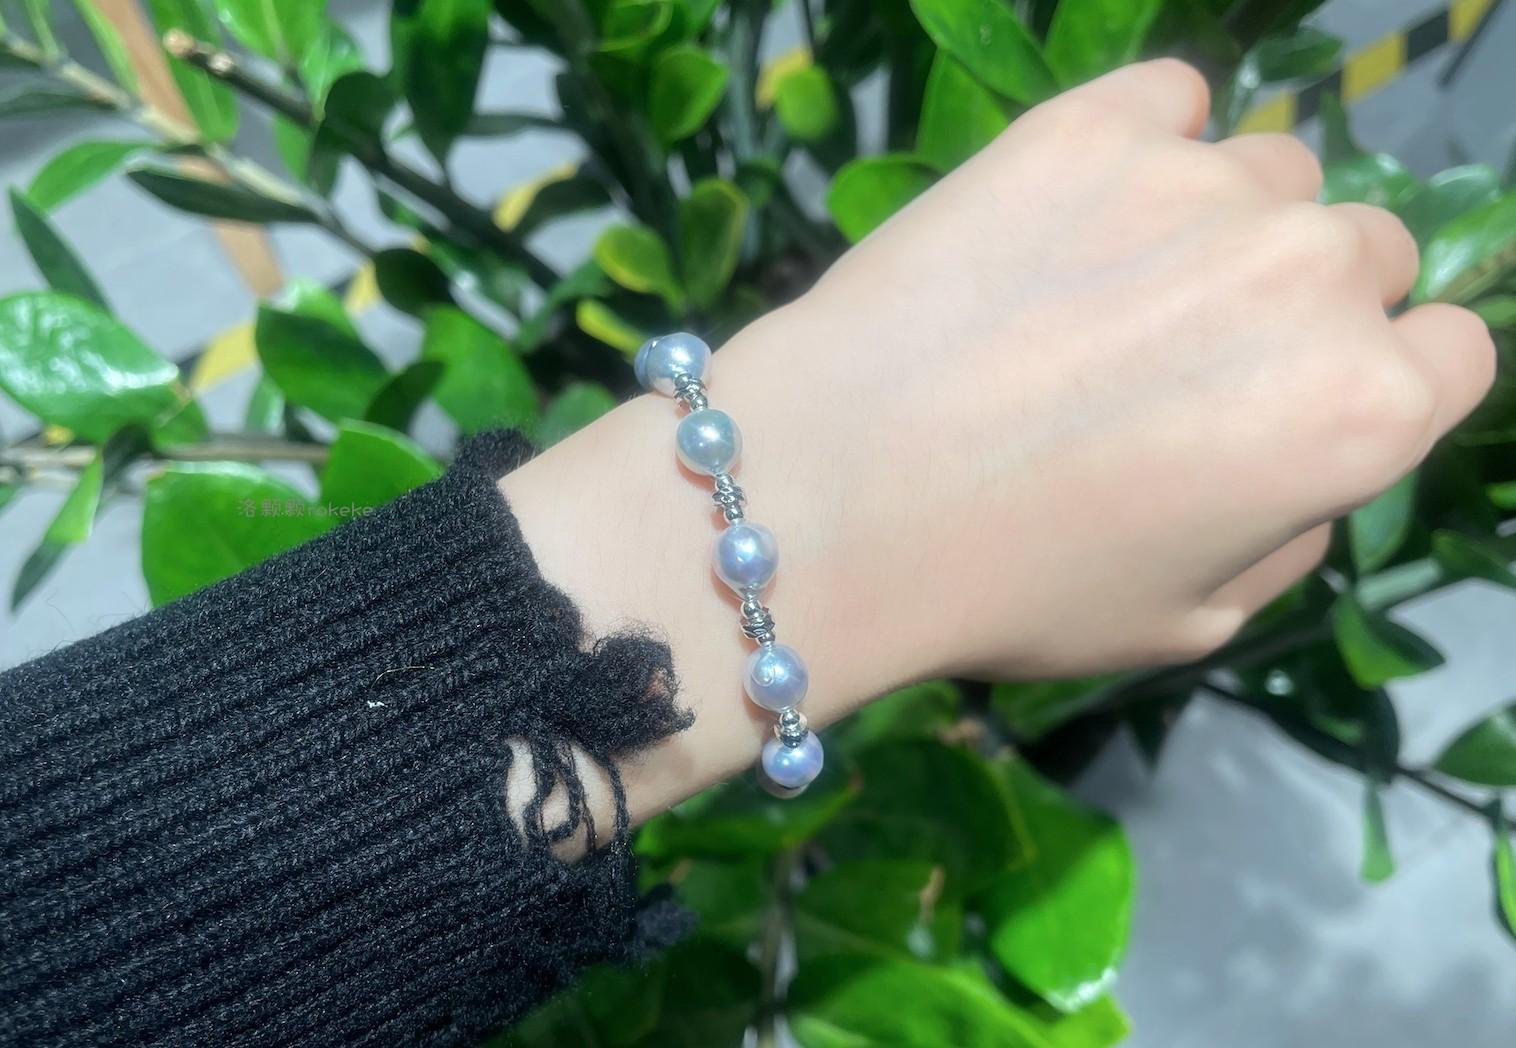 日本海水真多麻巴洛克珍珠爱心款手链同项链款洛颗颗rokeke